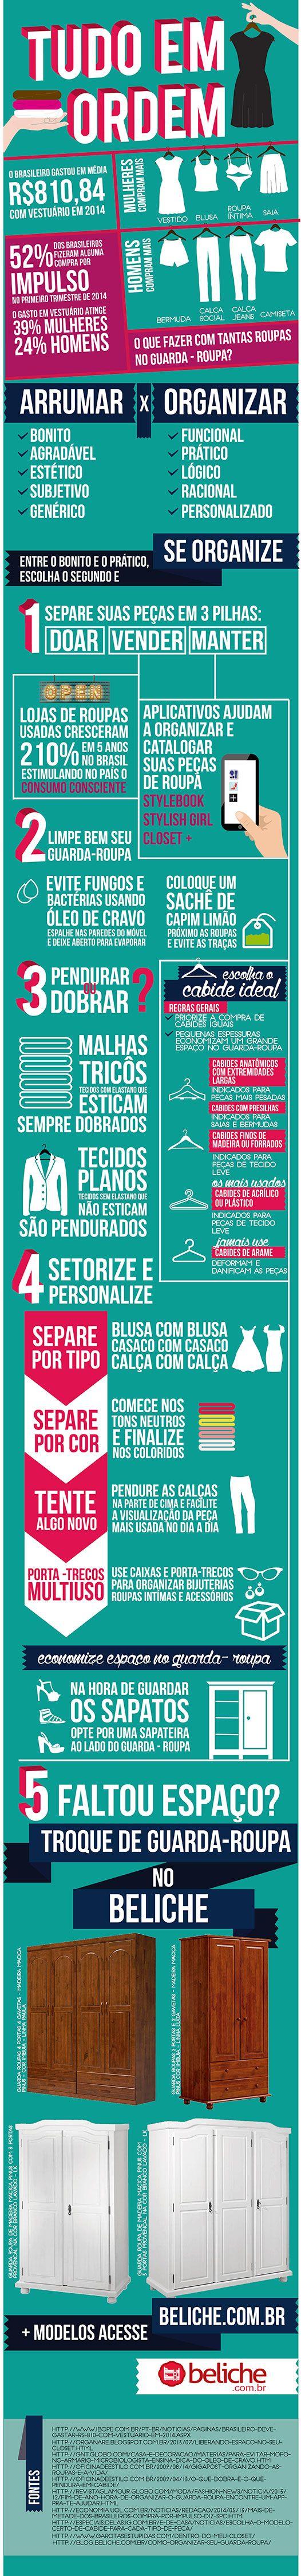 infográfico-tudo-em-ordem-blog-beliche-com-br-guarda-roupa